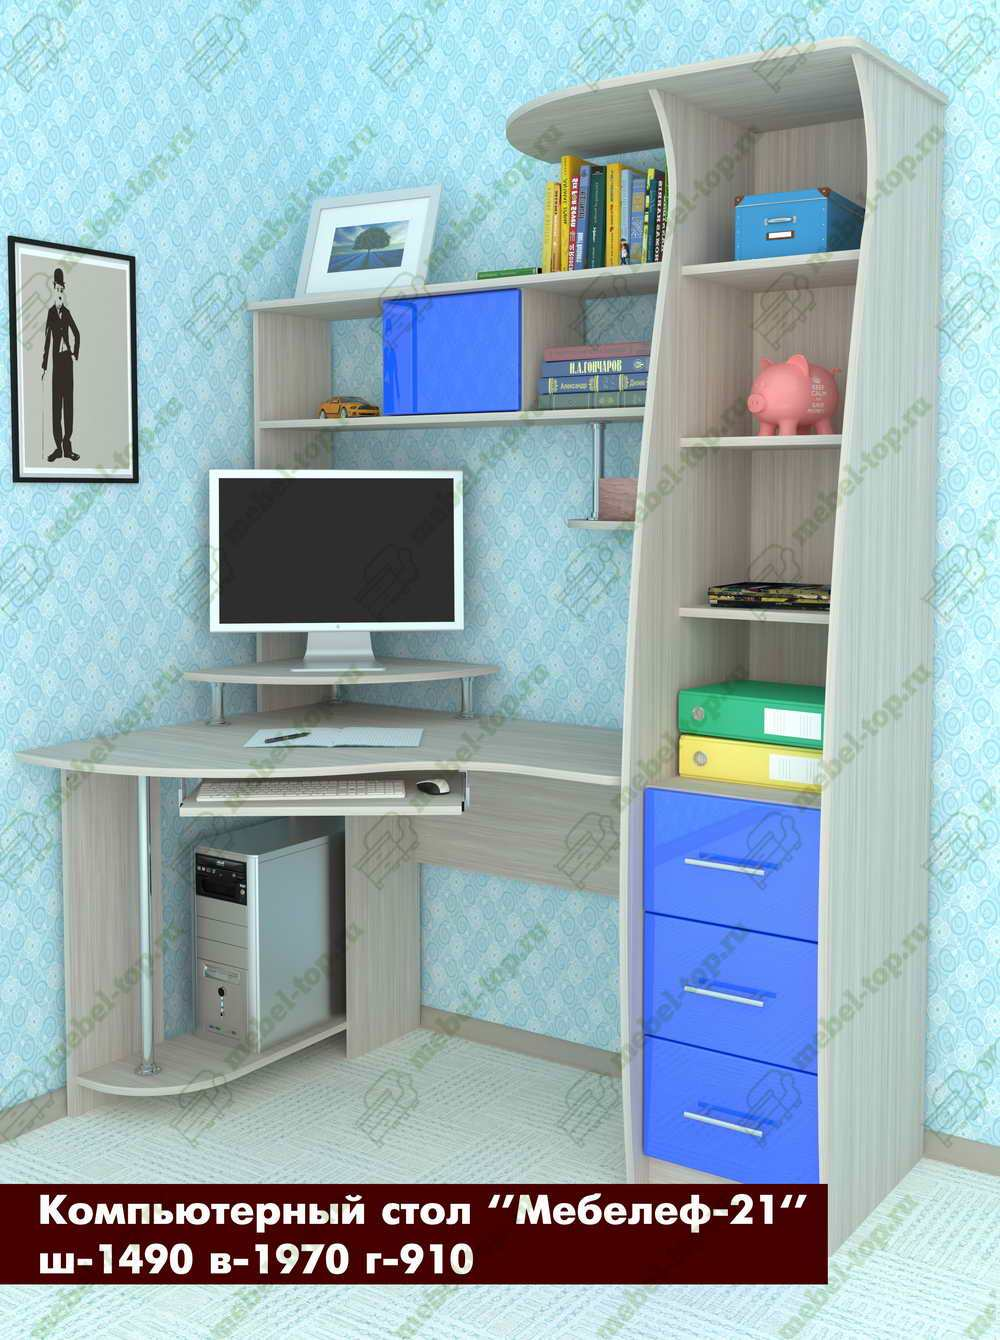 Компьютерный стол Мебелеф-21 компьютерный стол мебелеф 12